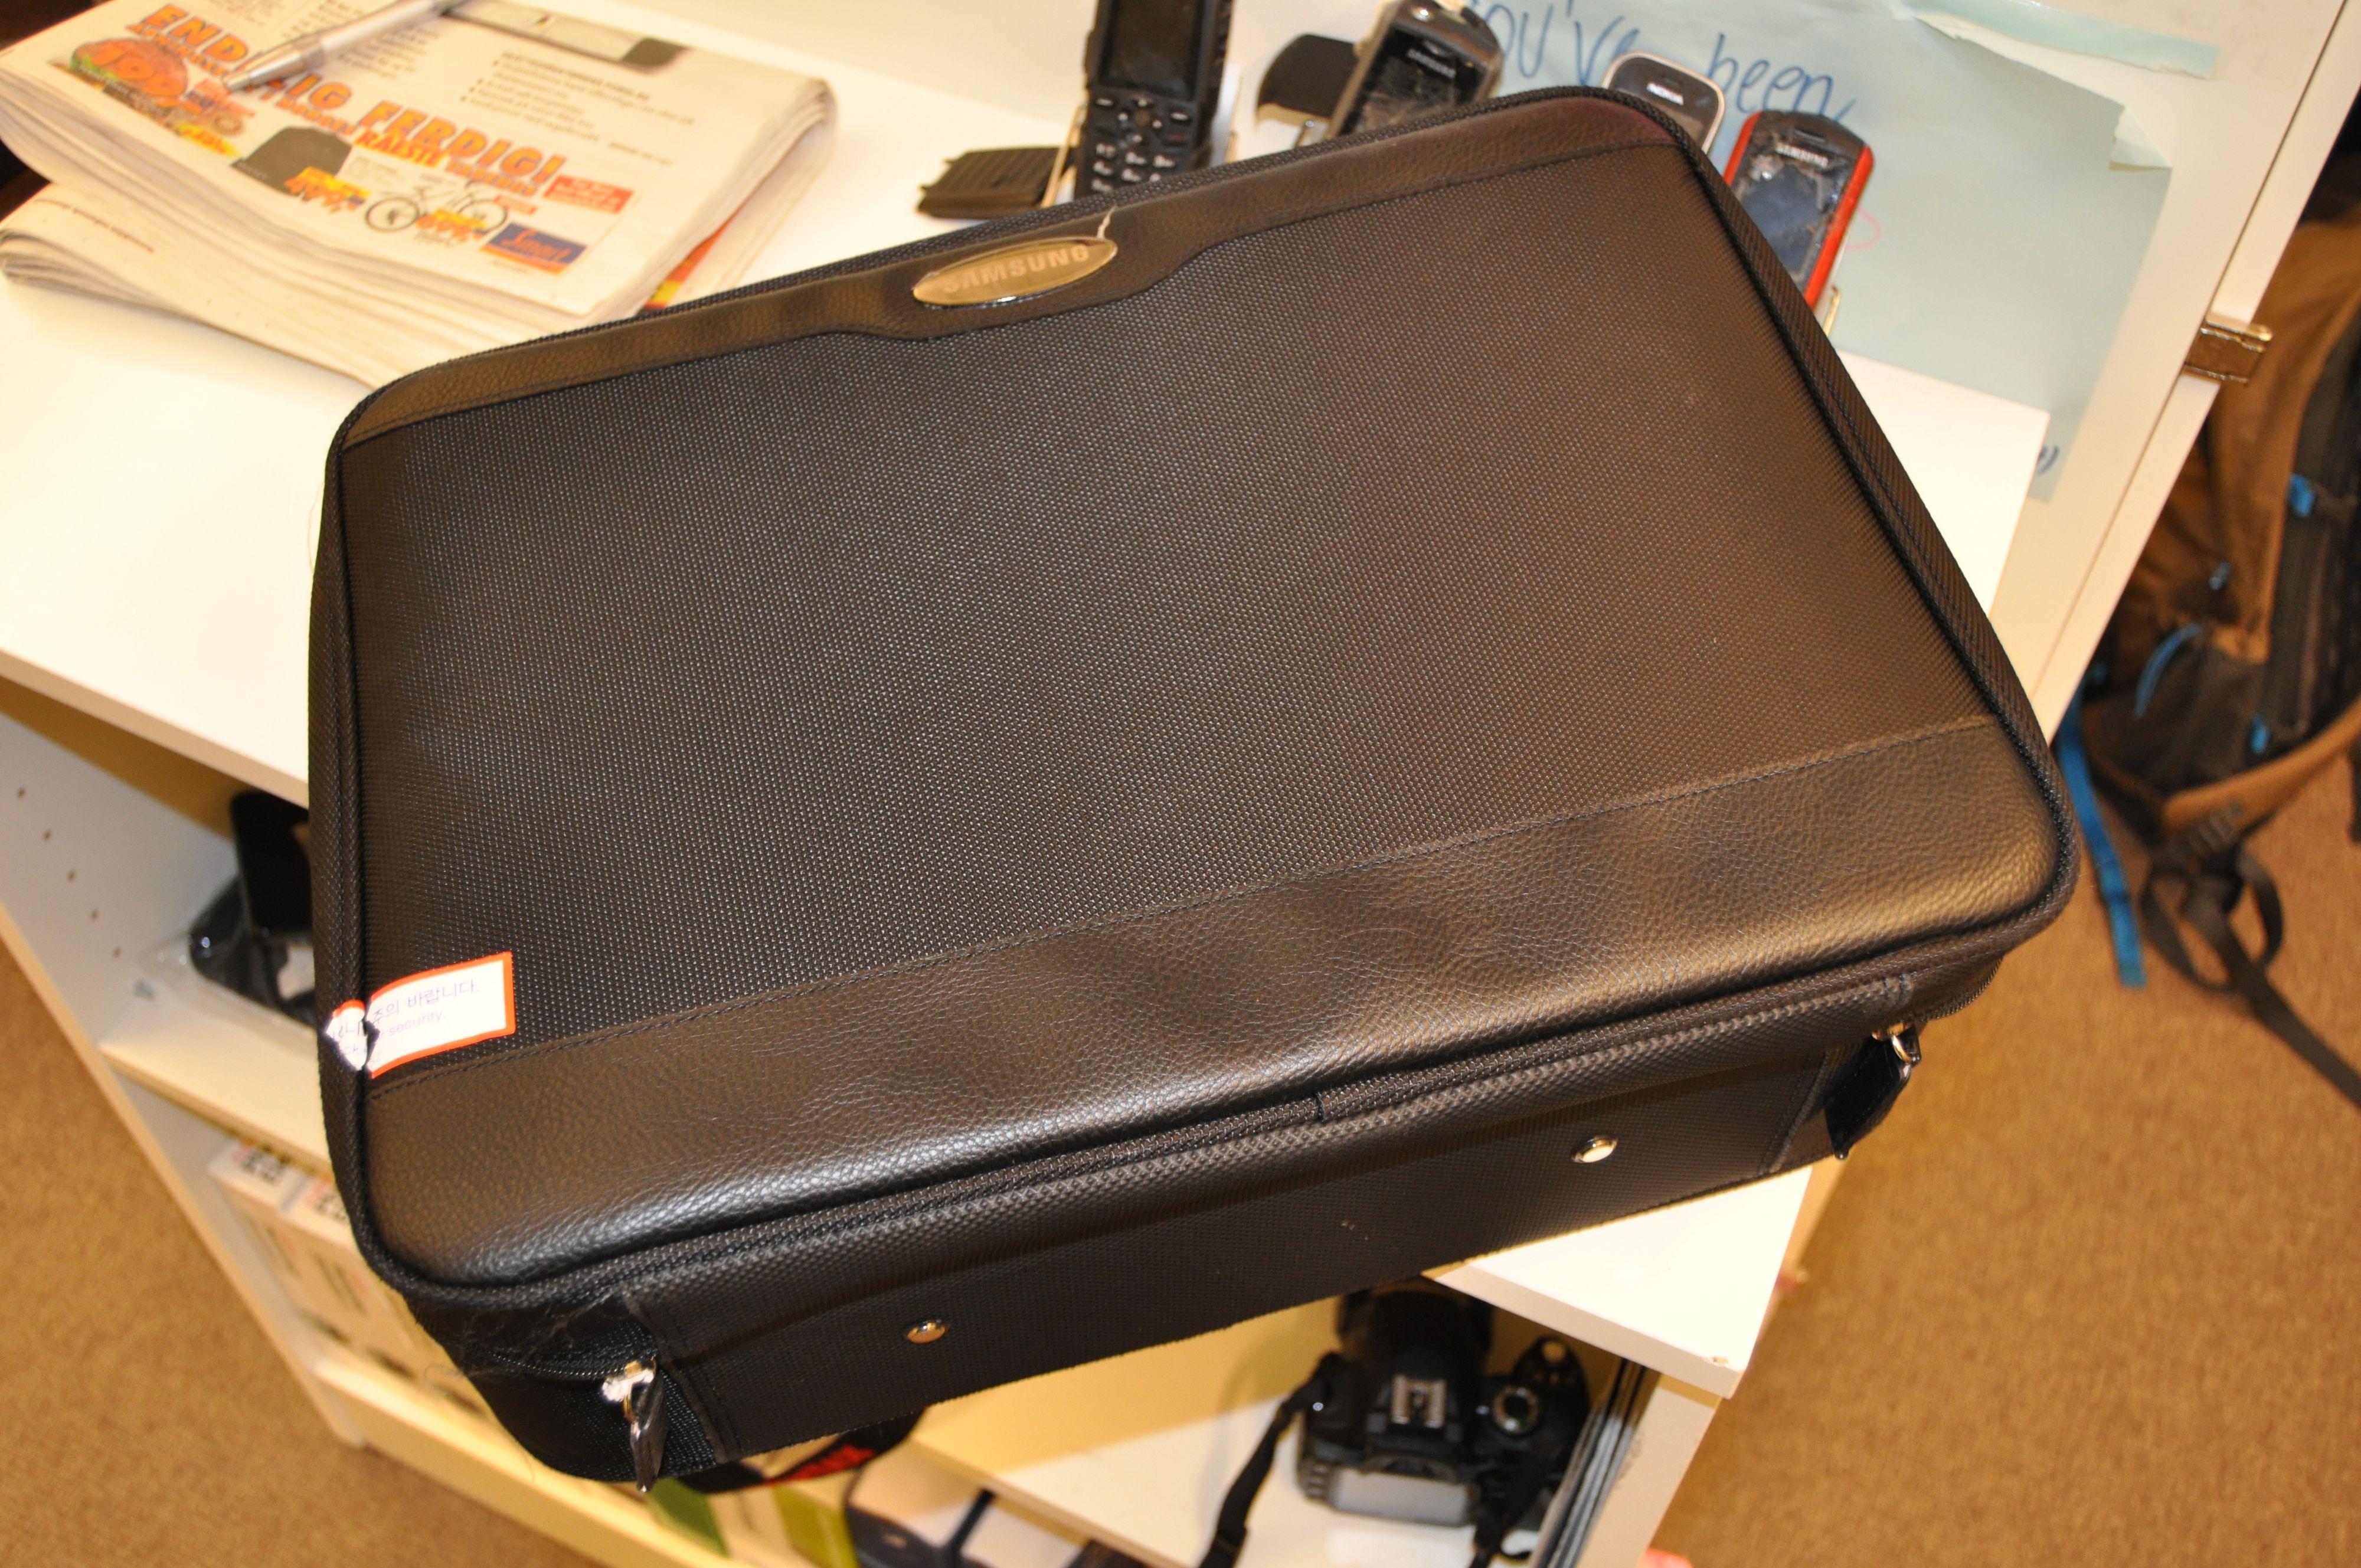 En mystisk sort koffert har dukket opp i redaksjonen.